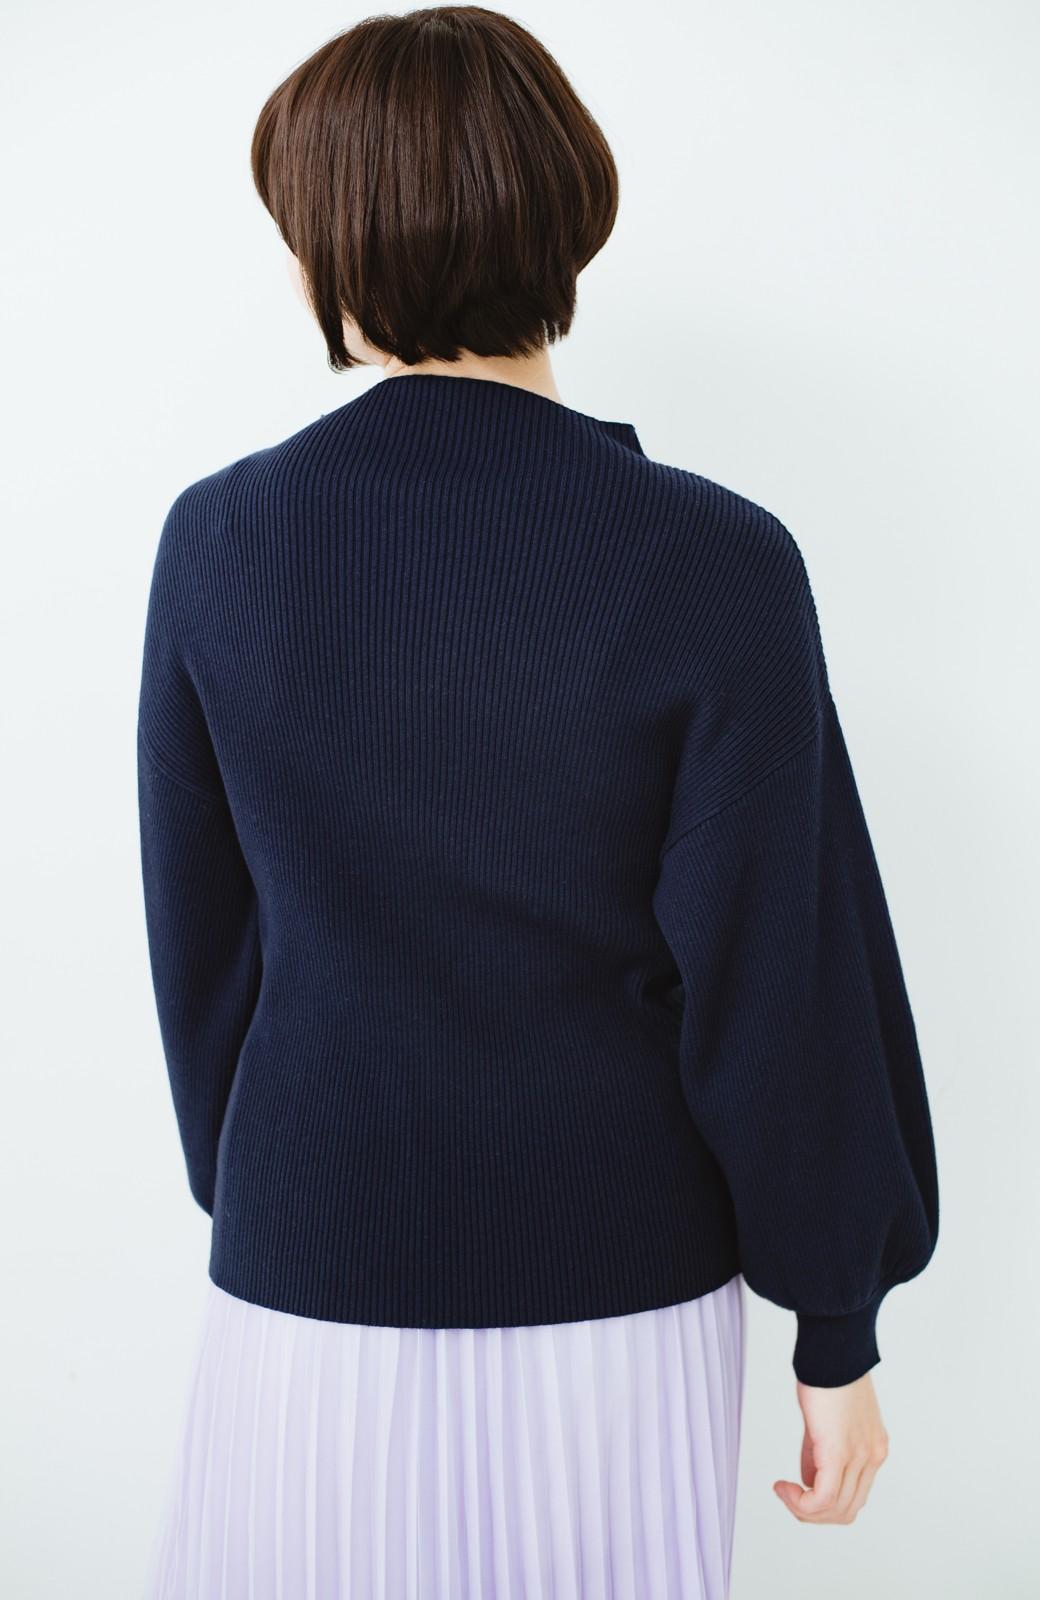 haco! シルク混素材のぷっくり袖リブニット <ネイビー>の商品写真13